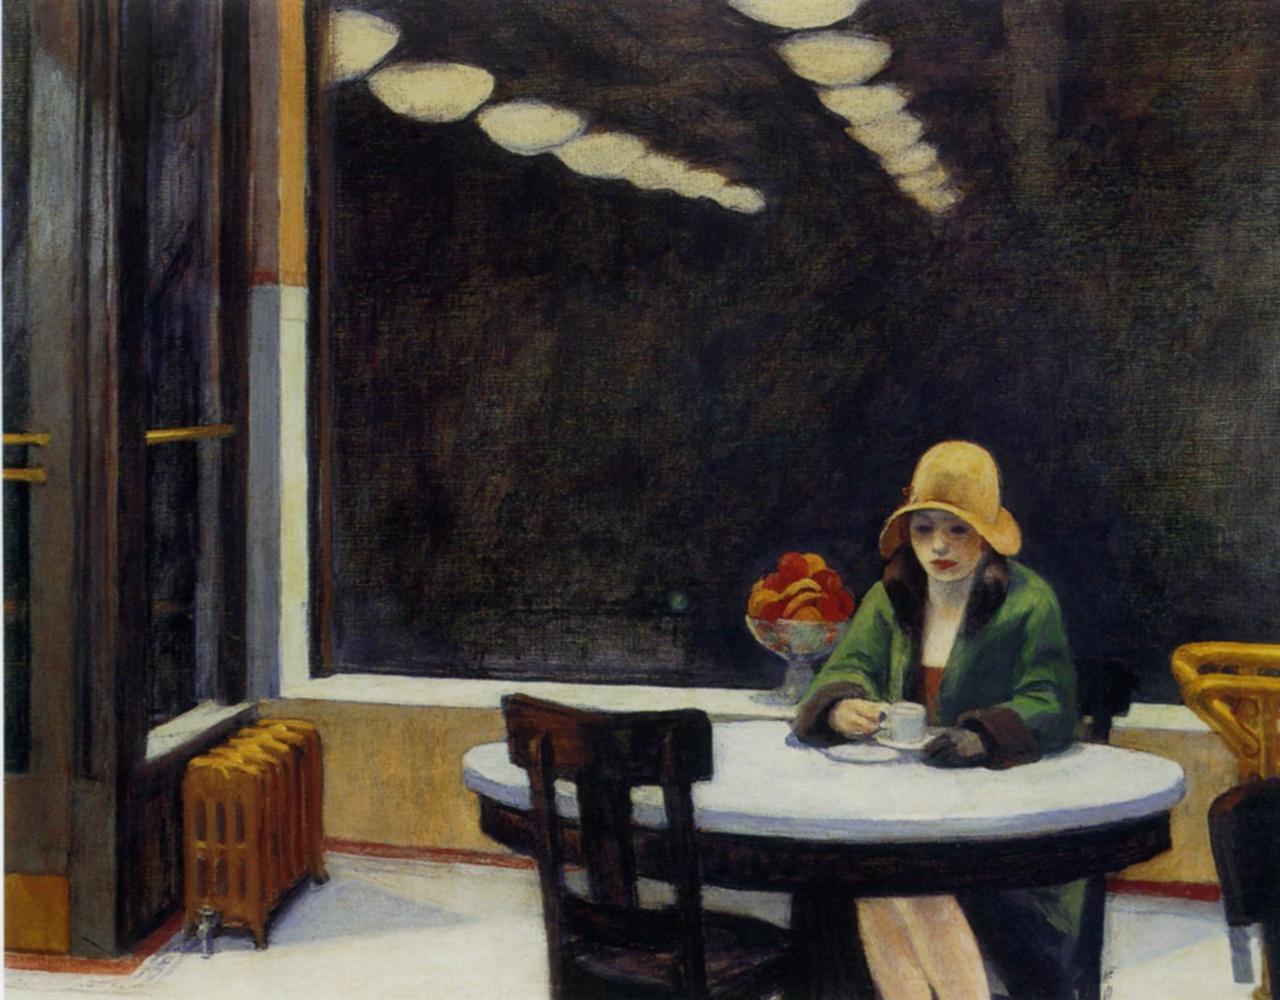 자동 판매기 식당(에드워드 호퍼,1927, 아이오아주 디모인 아트센터)